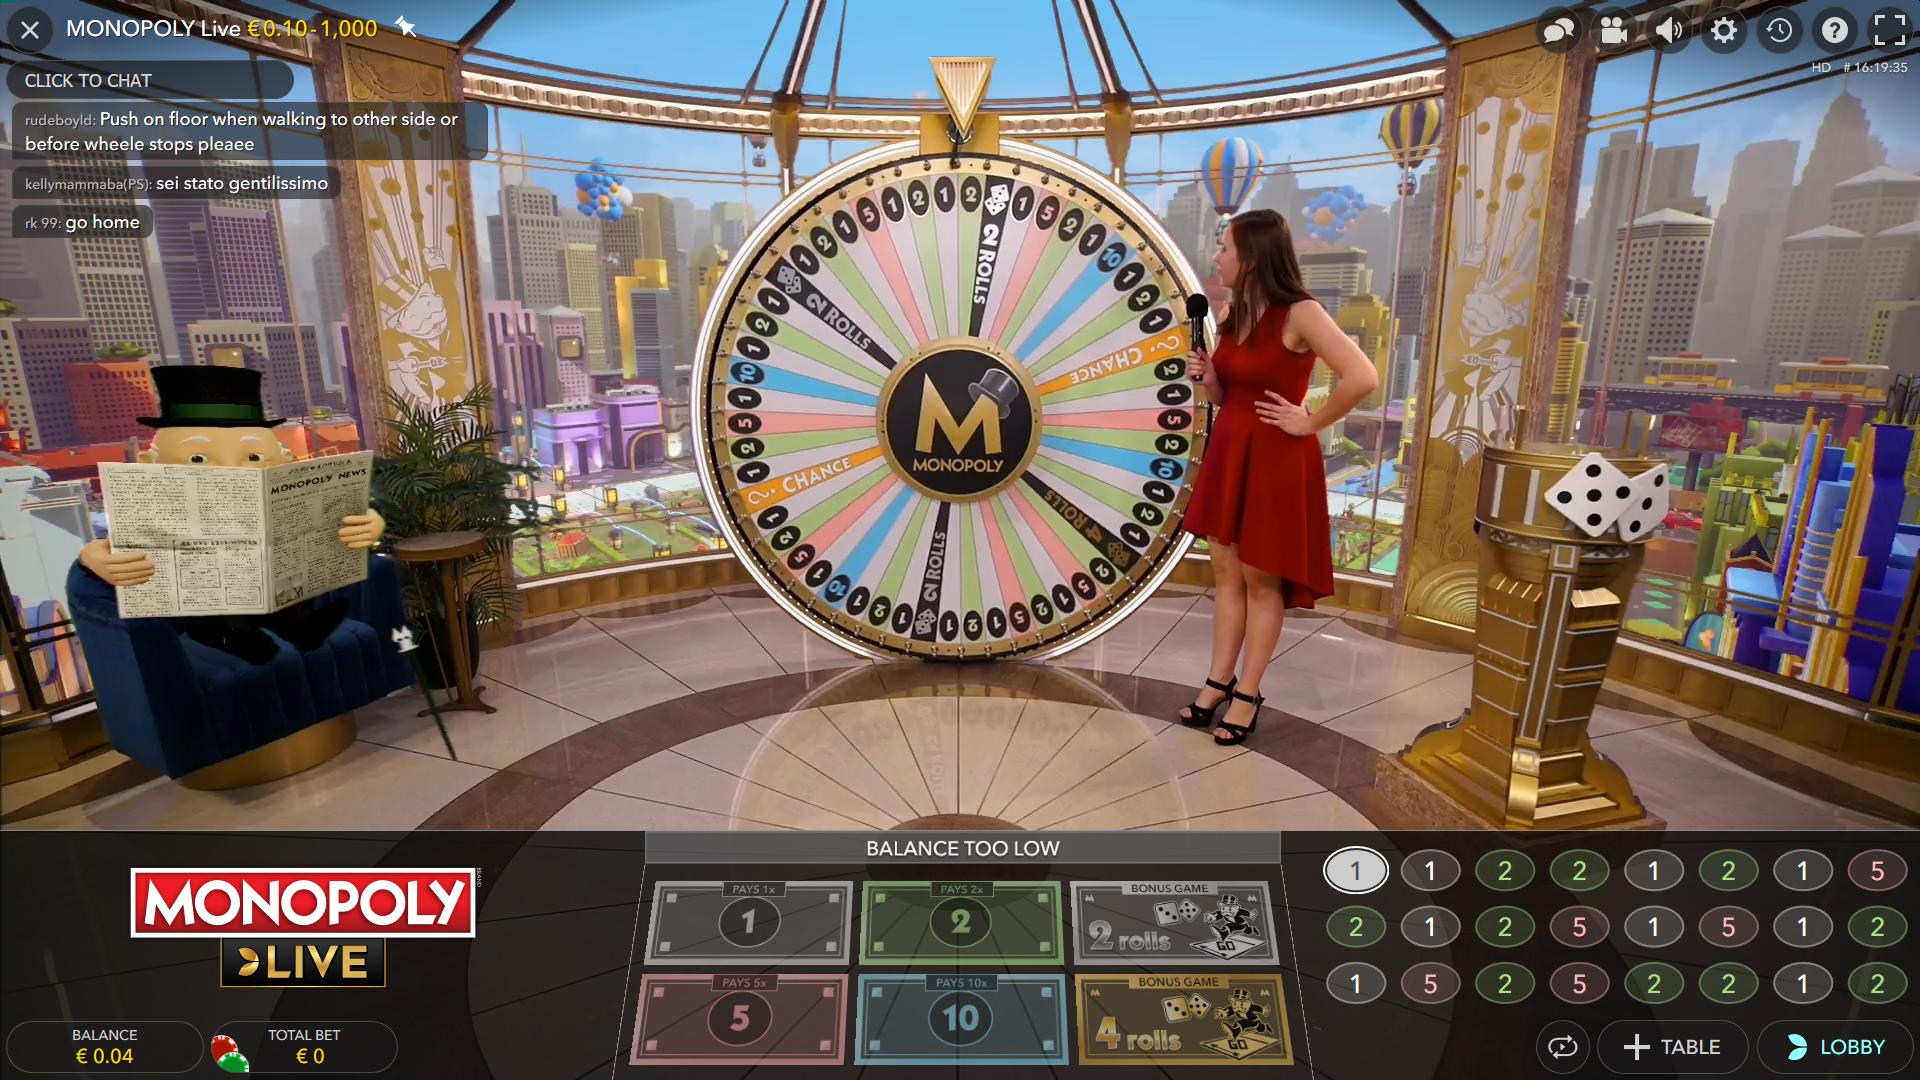 monopoli roda langsung - monopoli bermain bebas langsung - strategi hidup monopoli - perjudian langsung monopoli - kiat hidup monopoli - strategi taruhan langsung monopoli